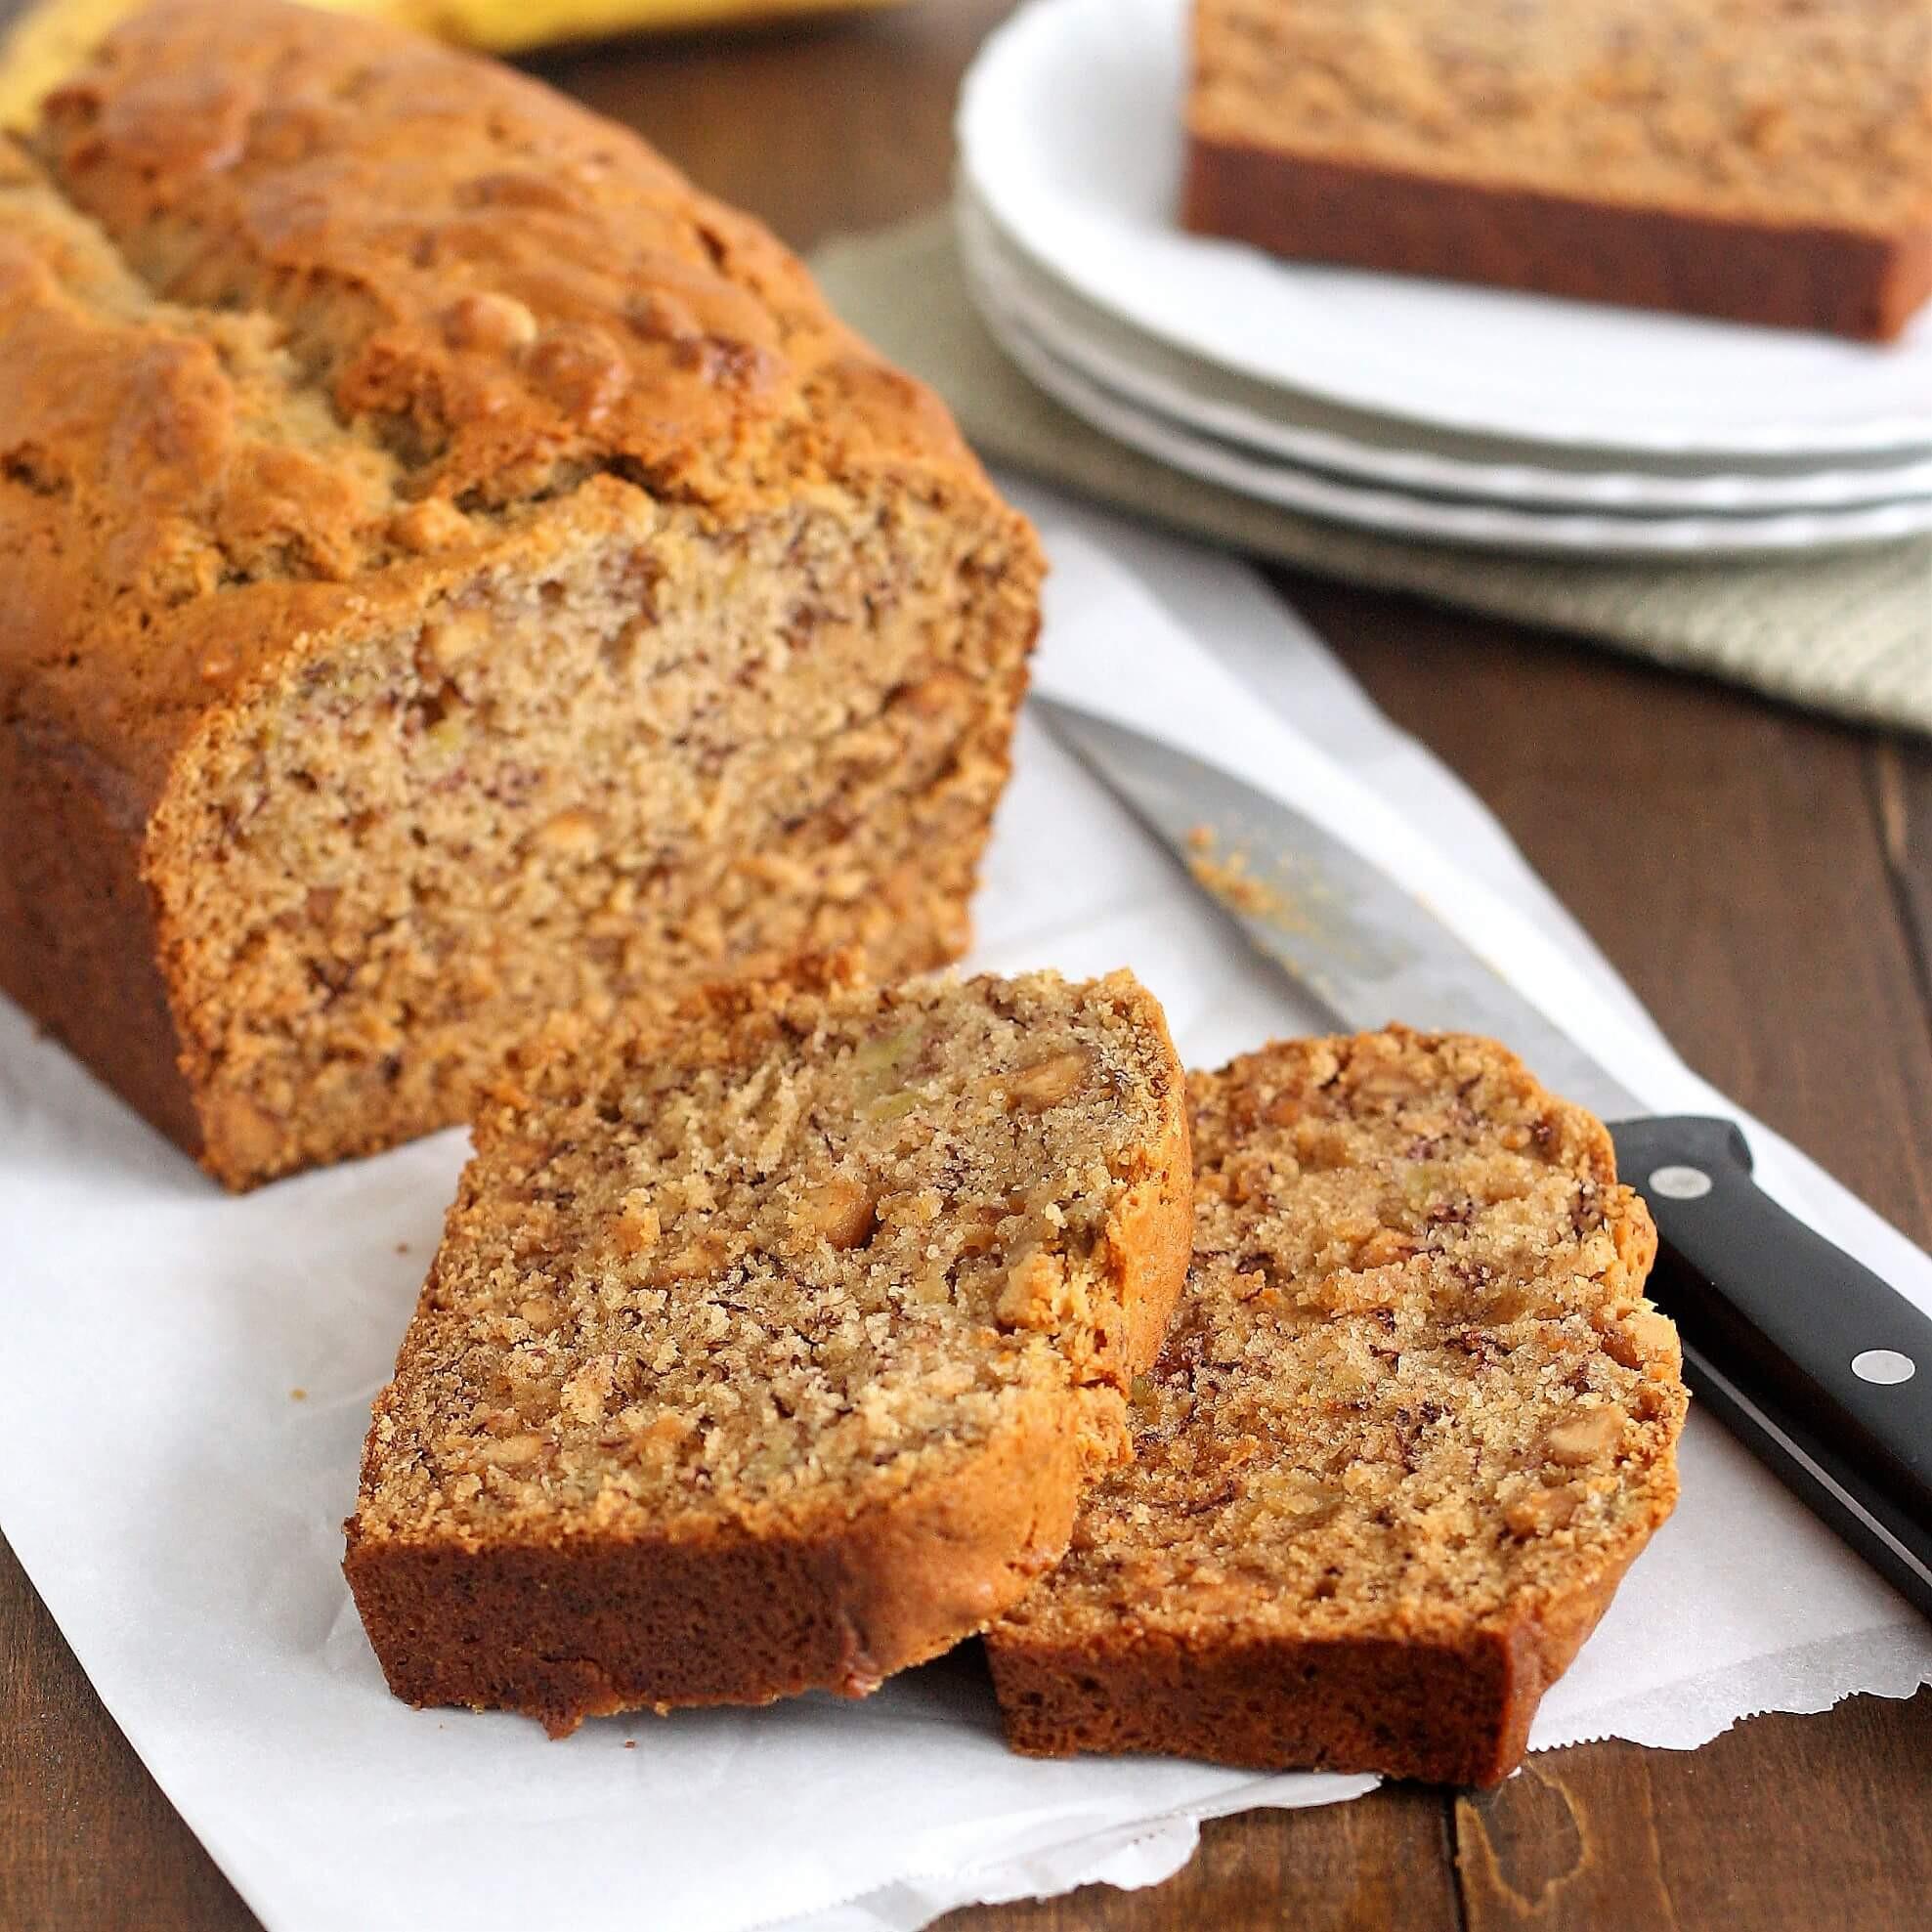 Sugar Free Banana Bread  Foodista Recipes Cooking Tips and Food News